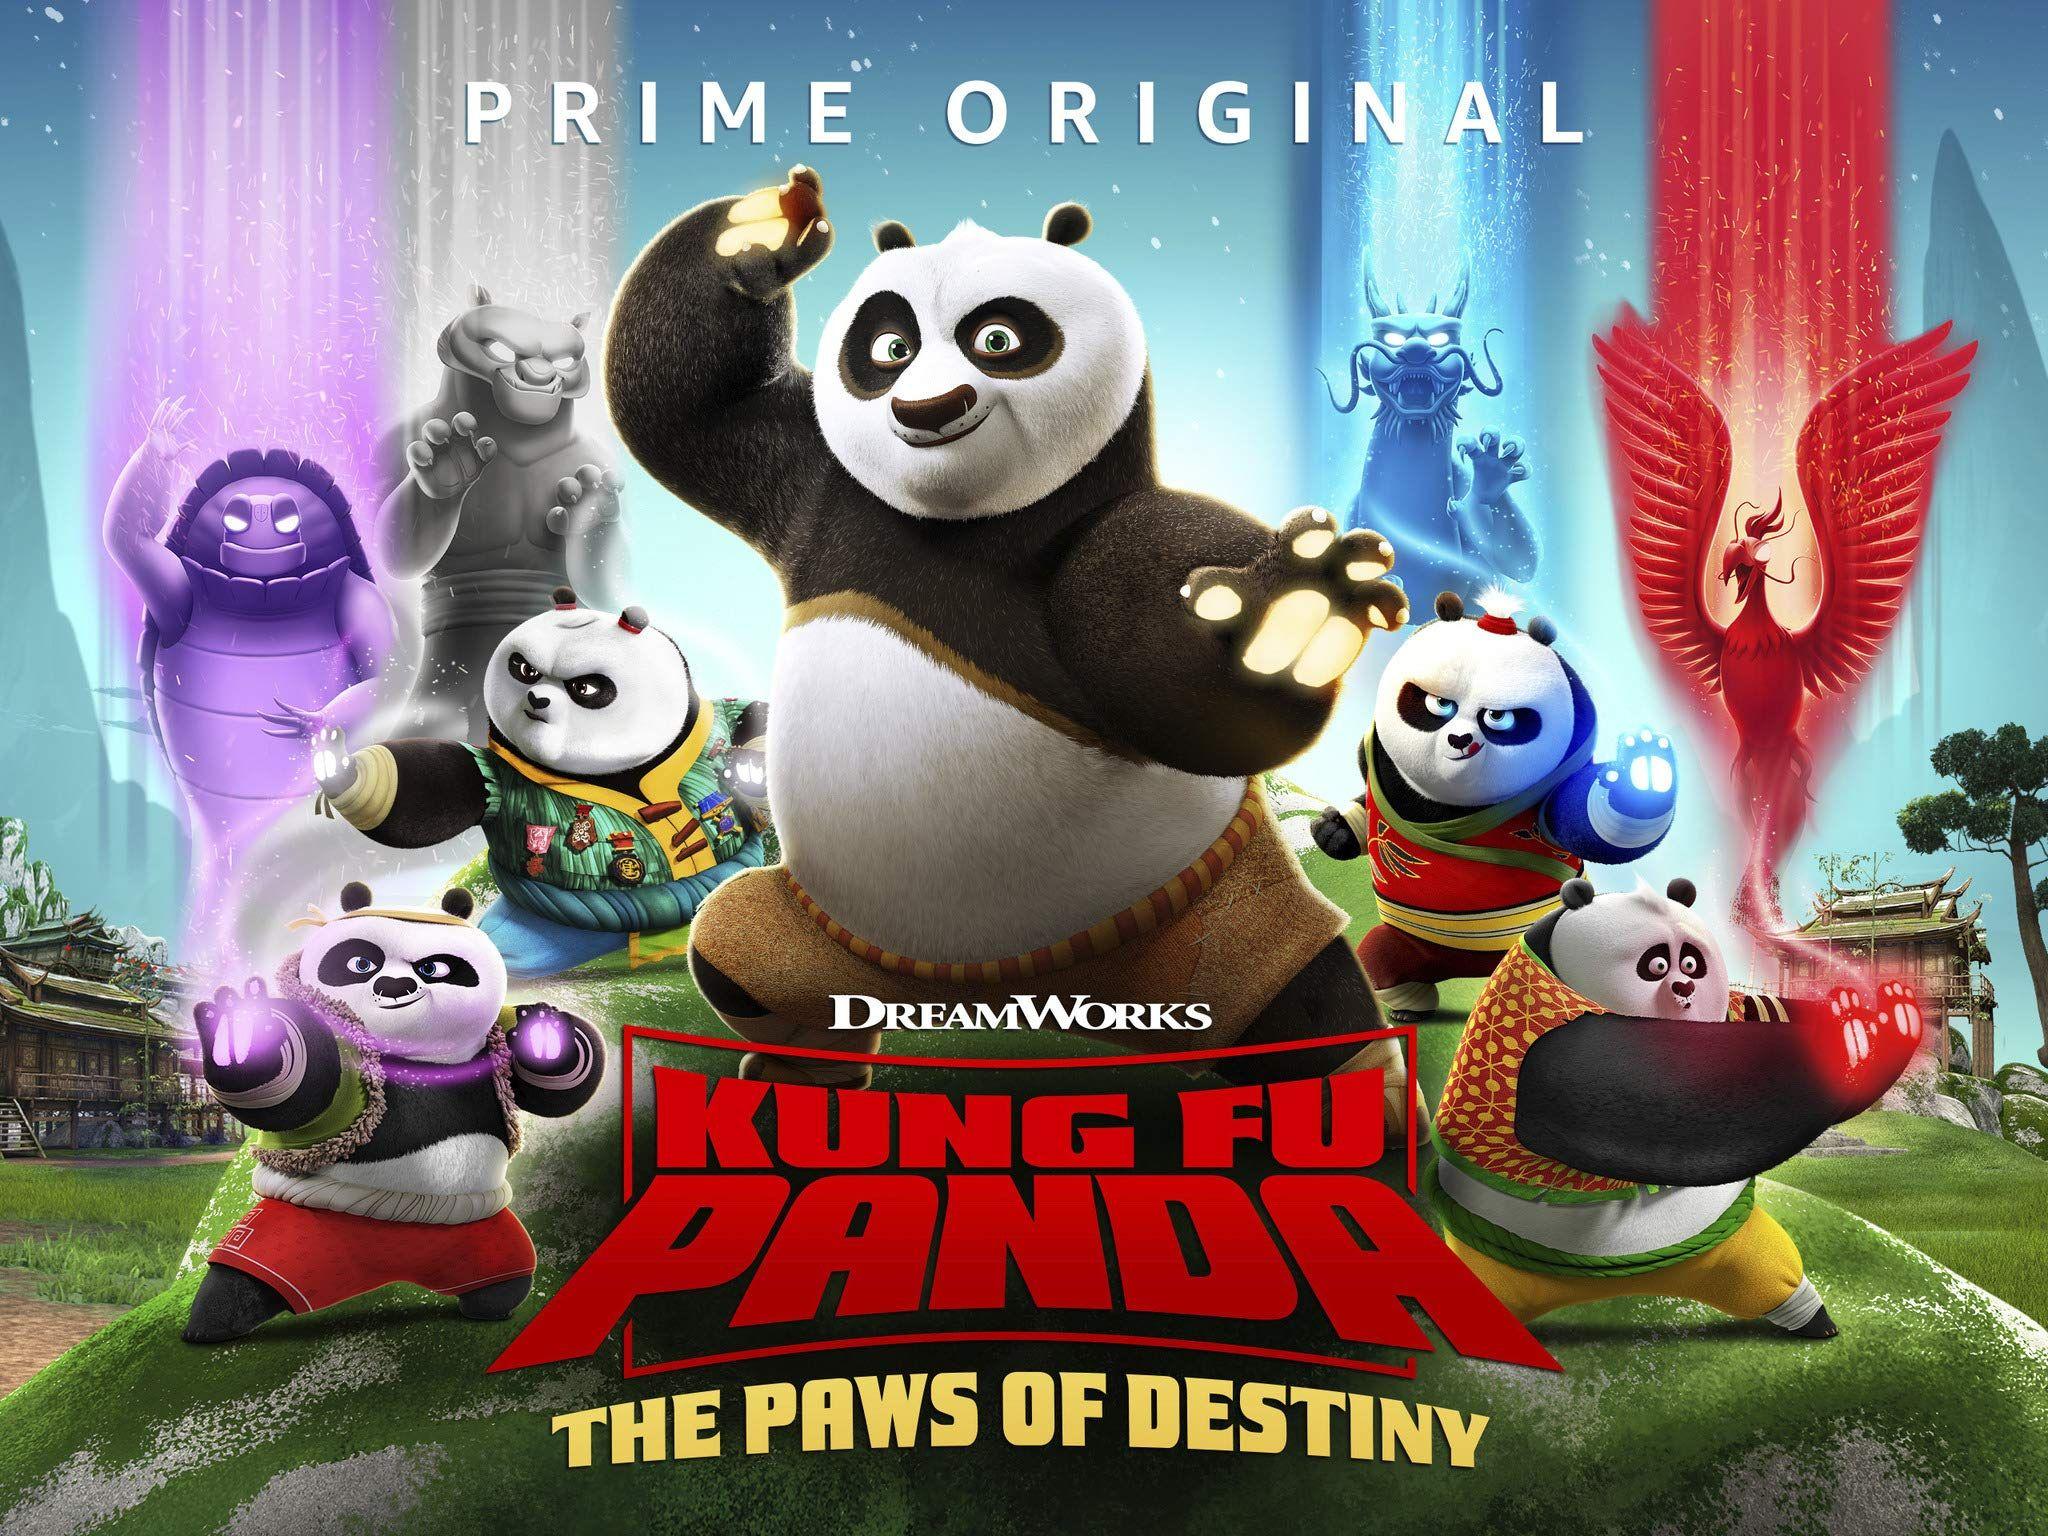 kung fu panda 1 full movie free download in english